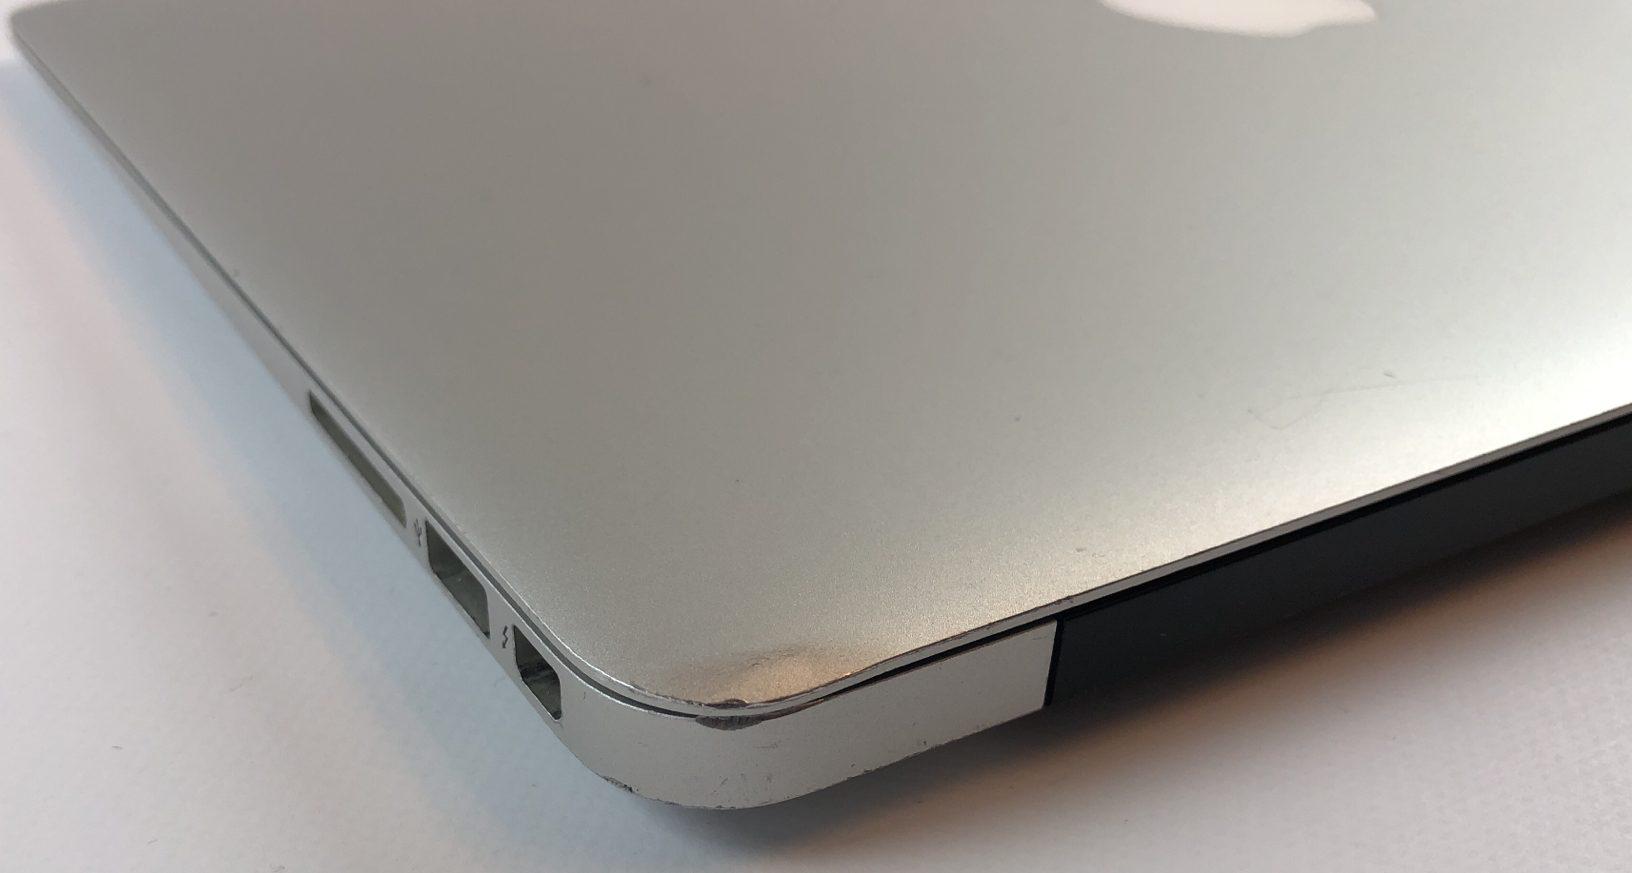 """MacBook Air 13"""" Mid 2013 (Intel Core i7 1.7 GHz 8 GB RAM 256 GB SSD), Intel Core i7 1.7 GHz, 8 GB RAM, 256 GB SSD, image 4"""